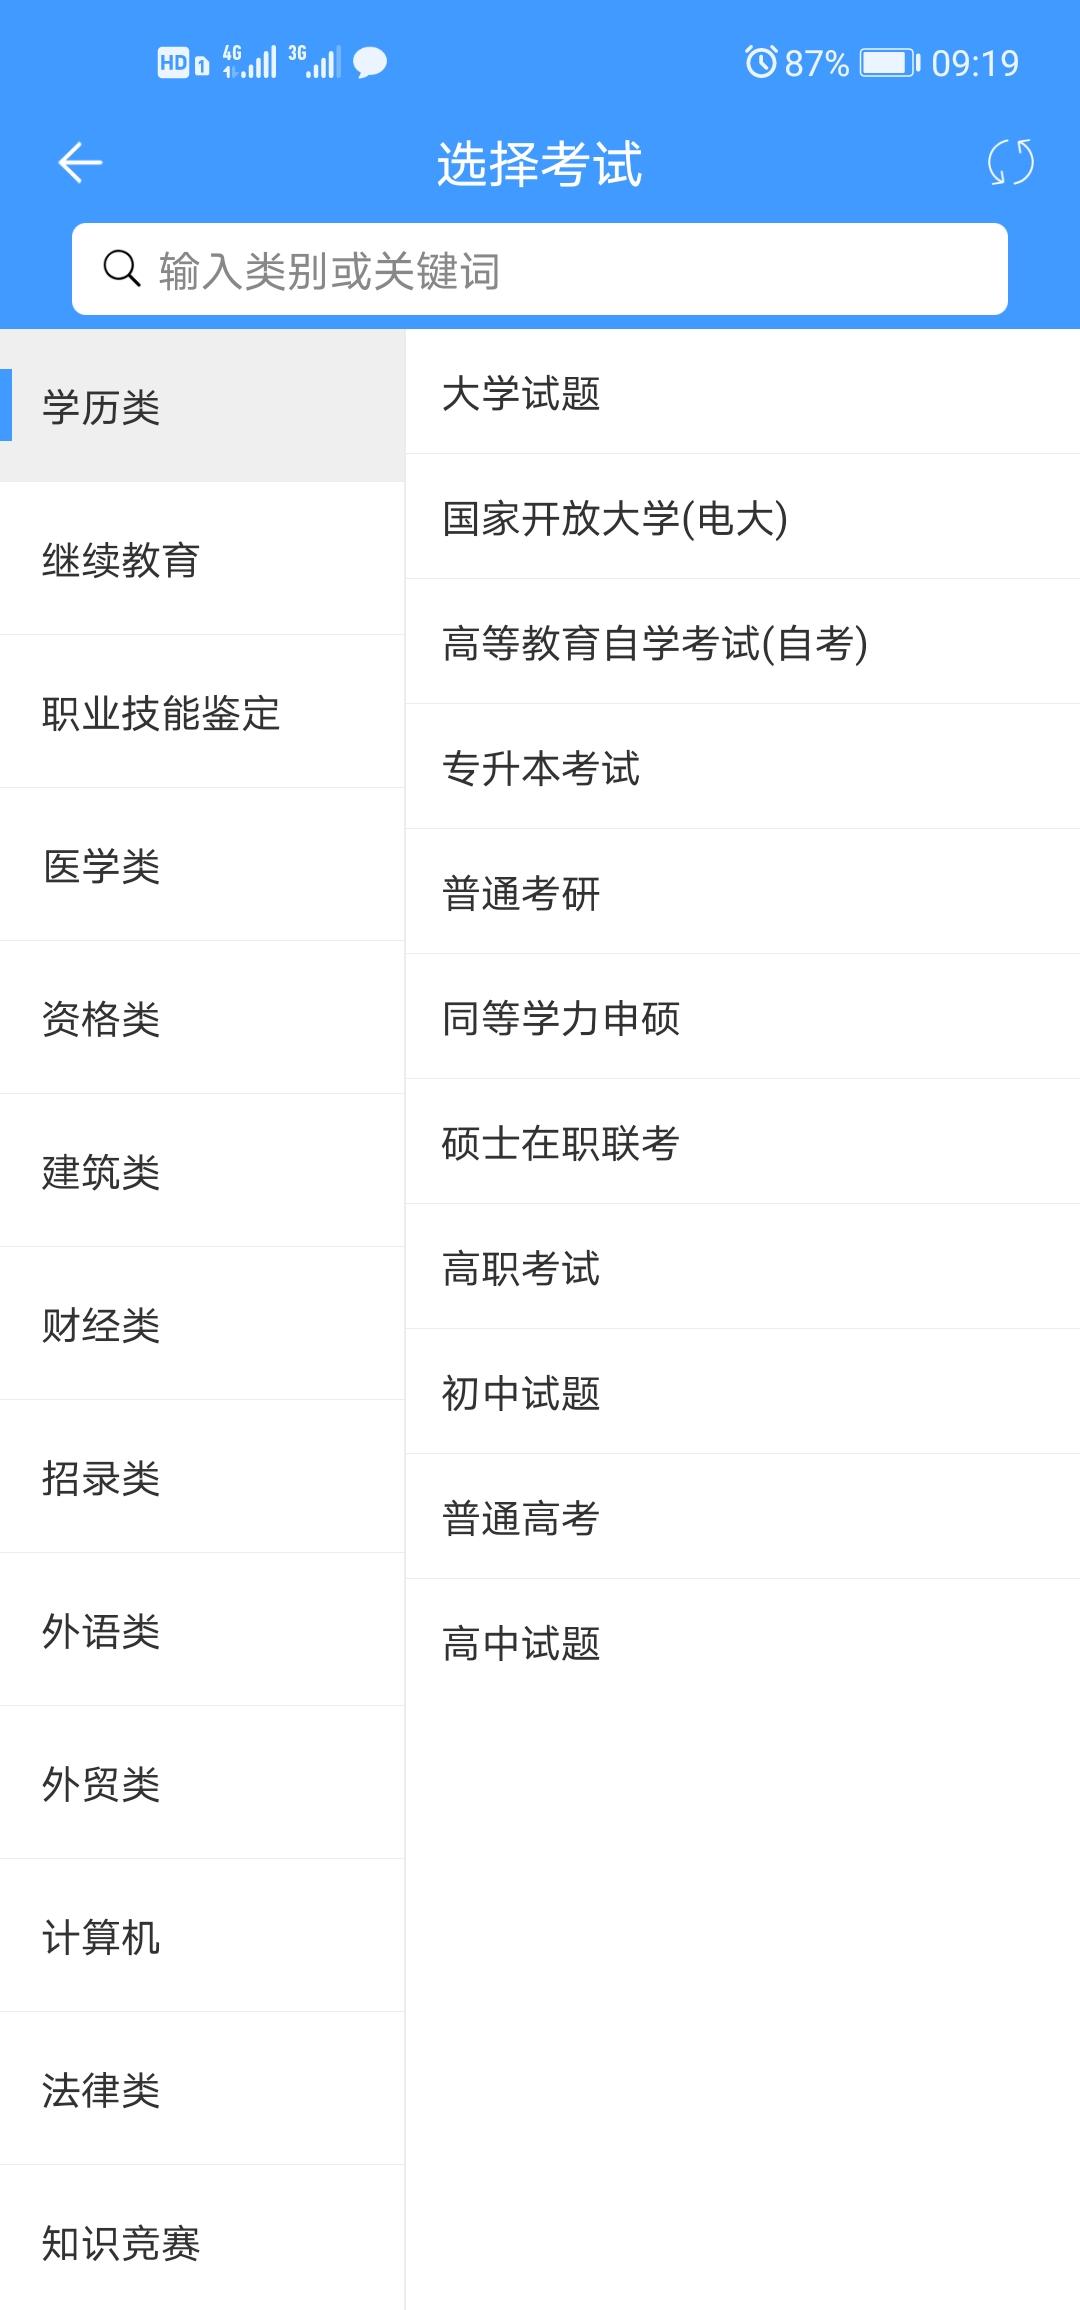 【考核】考试资料网v2.2.1125破解版